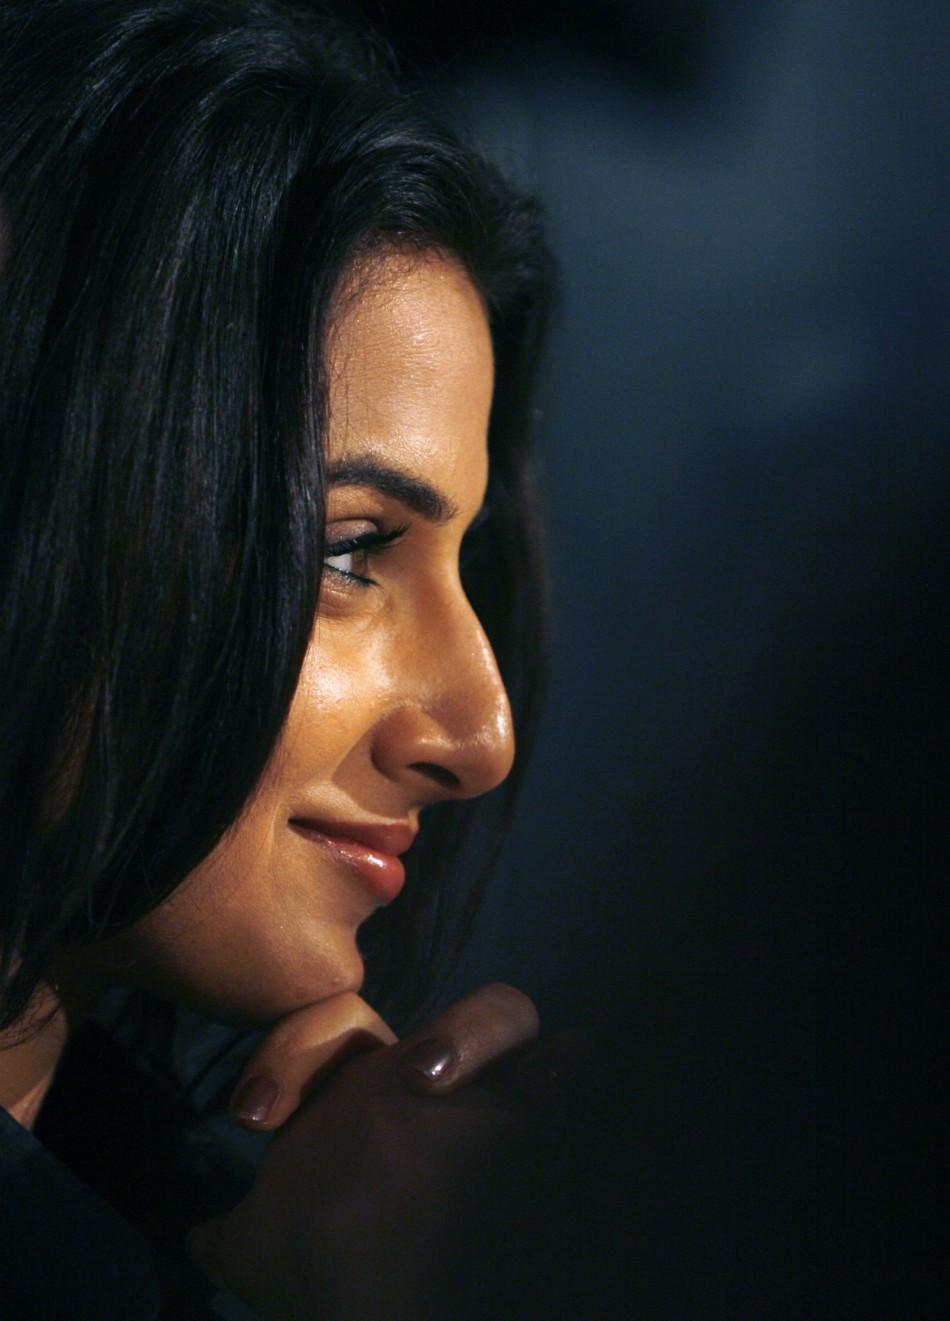 Sexy Images Of Vidhya Balan